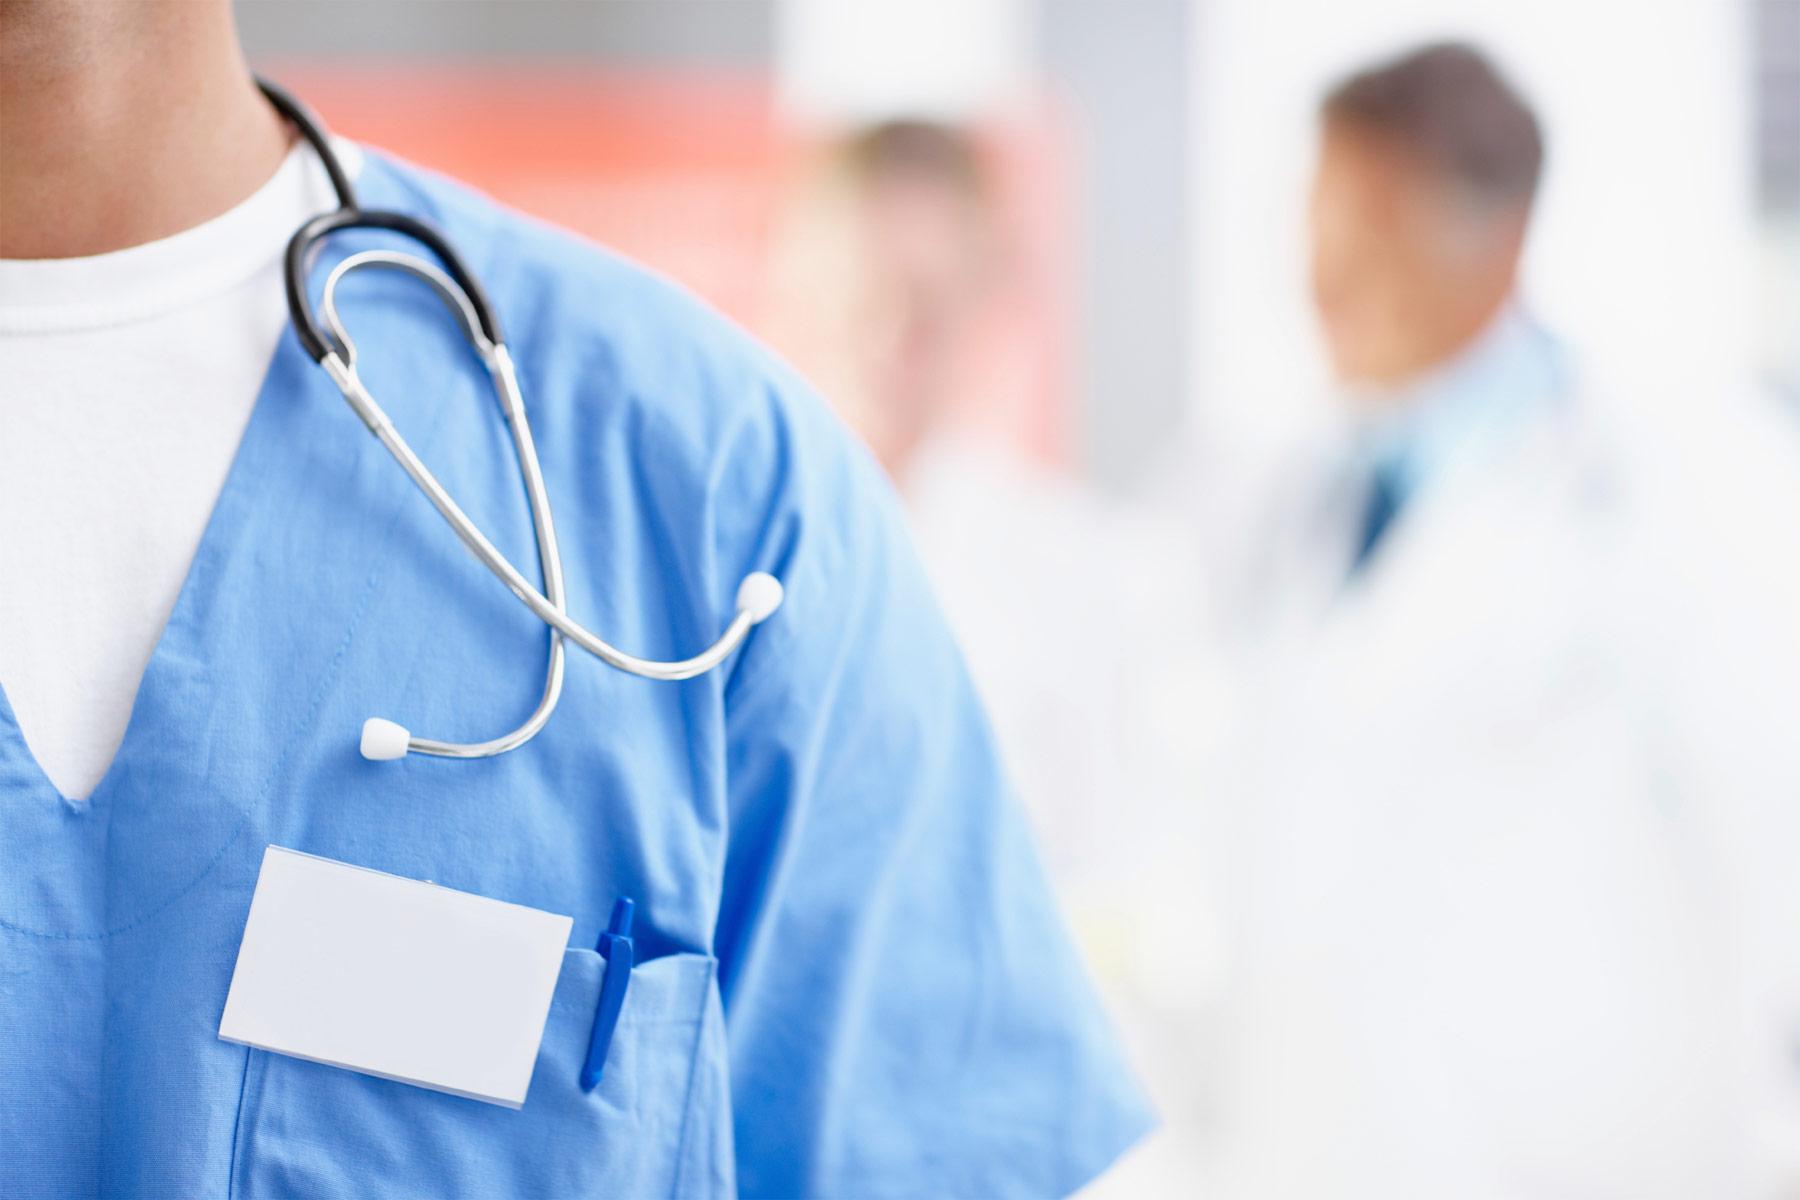 فرص العمل في مجال الطب حسب الاختصاص